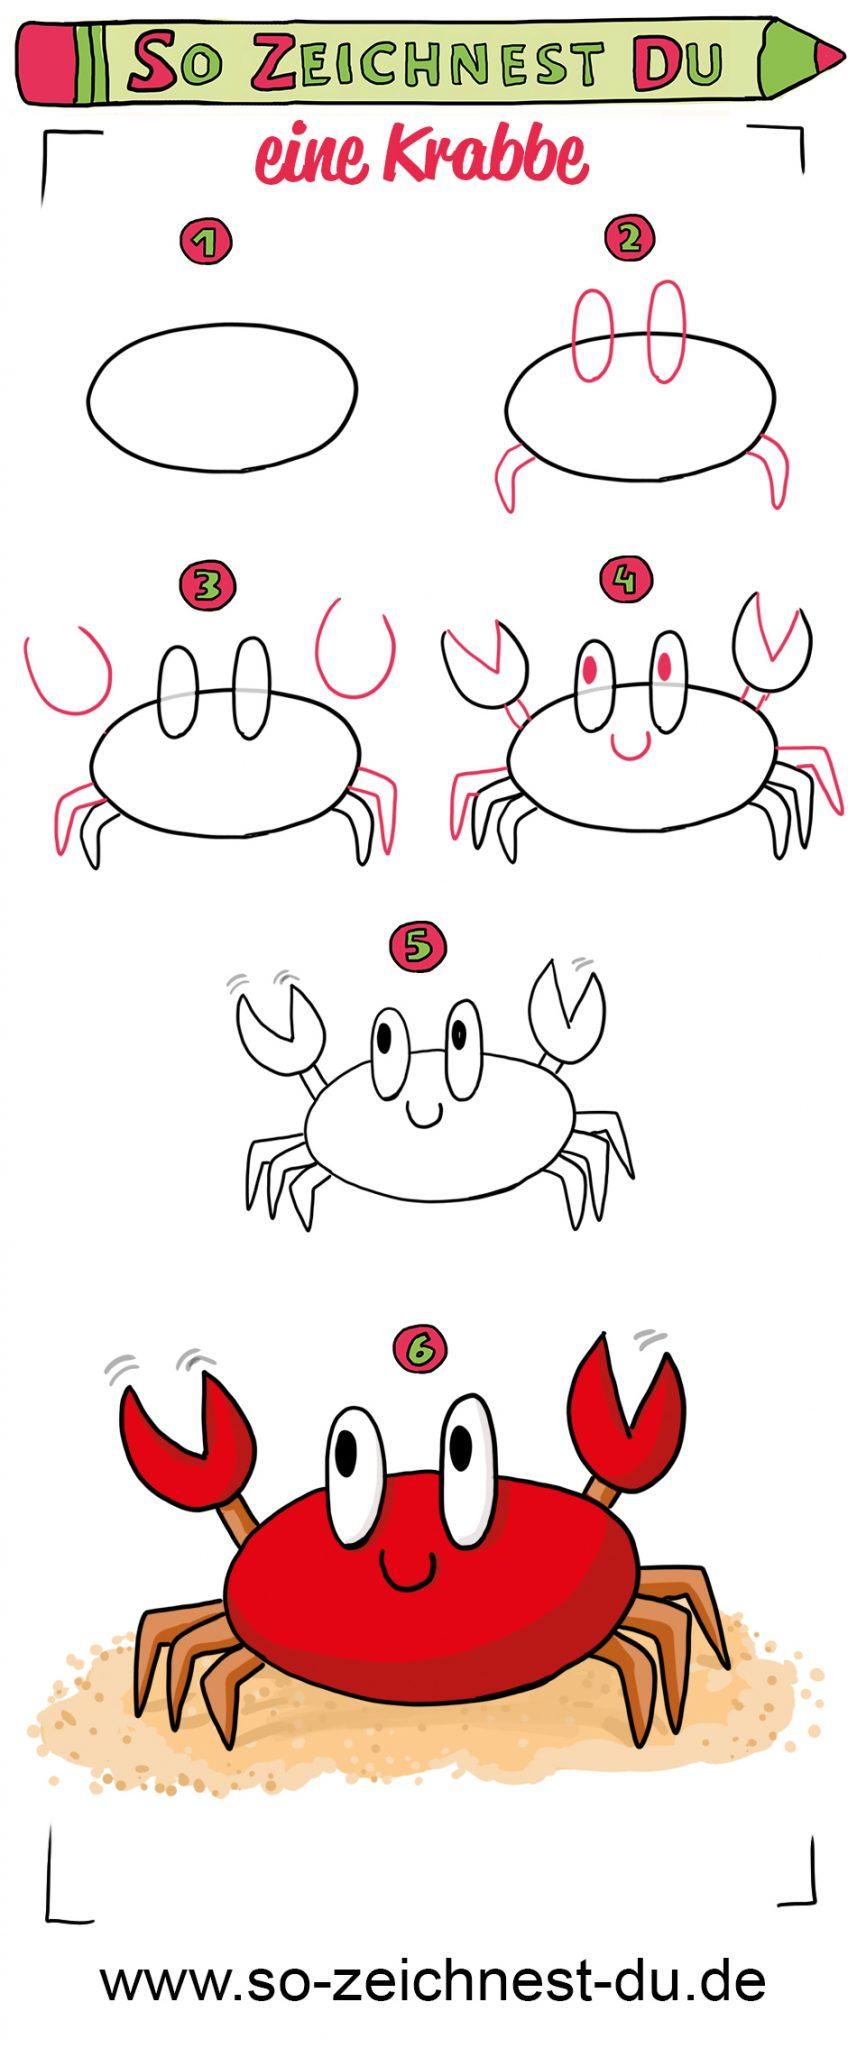 So zeichnest du eine süße Krabbe Krebs einfach